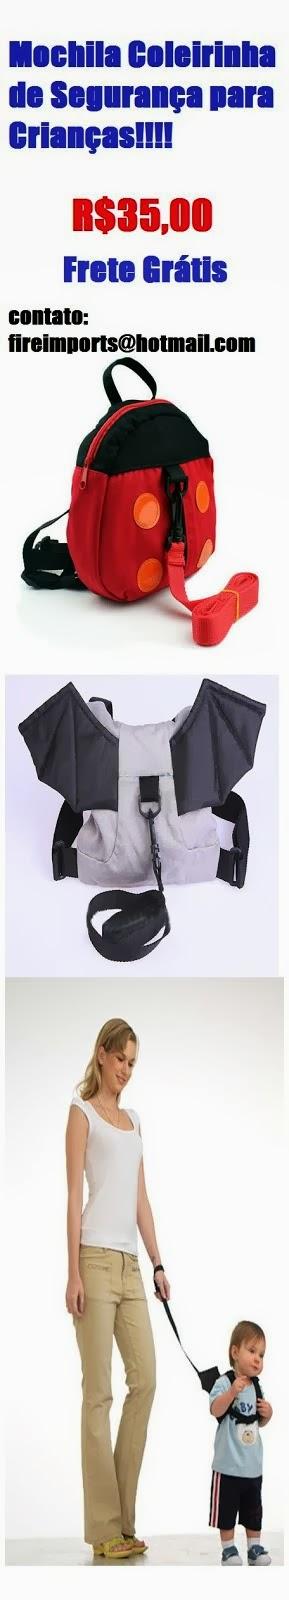 mochilinha de segurança